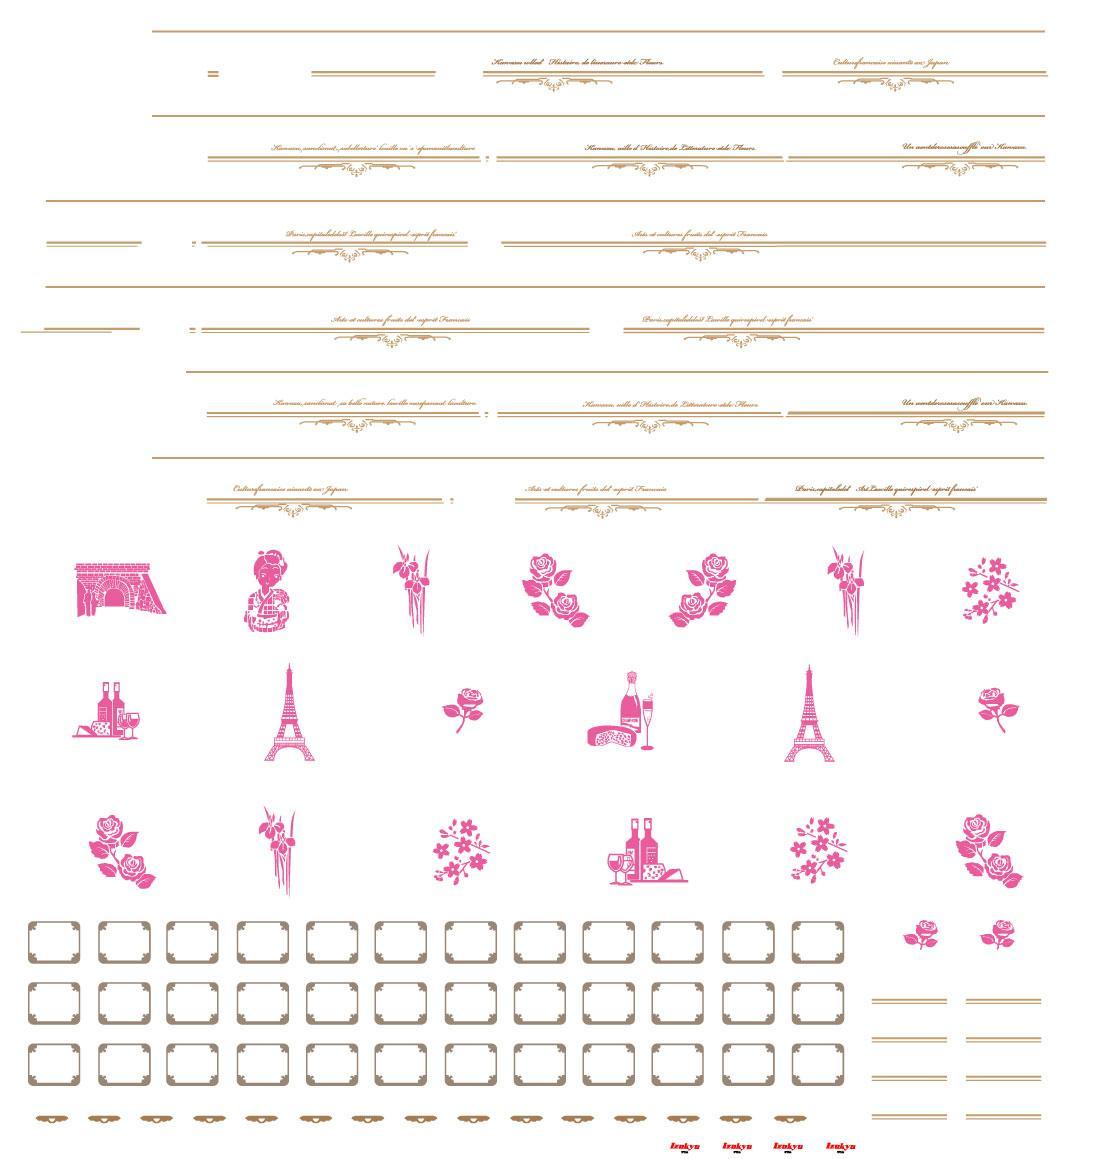 Illustratorのトレース作業請負います 紙媒体のものをデジタル化して入稿したい方 イメージ1